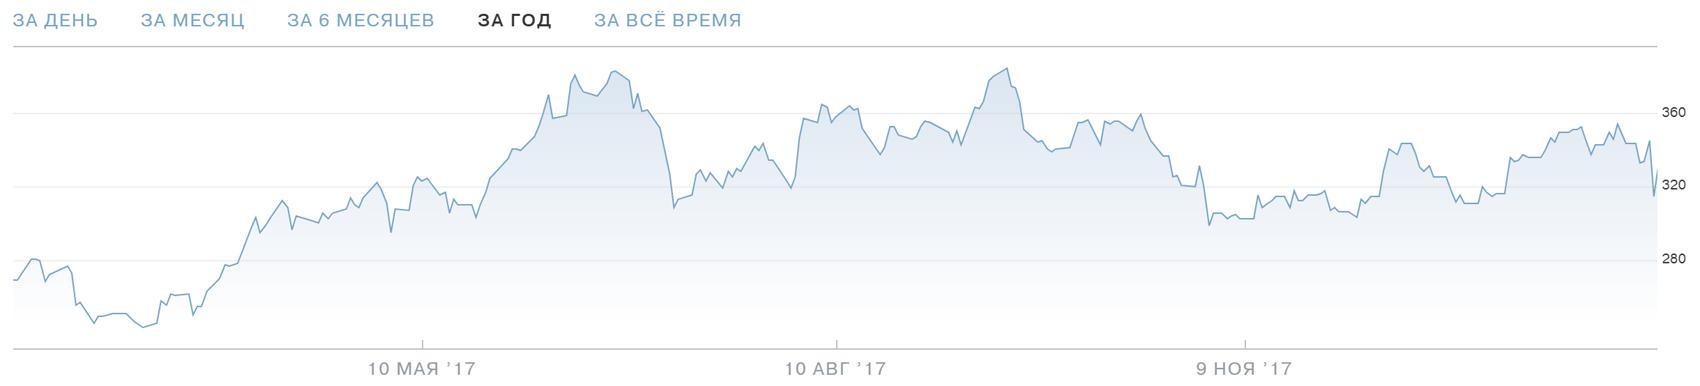 Цена акций «Теслы». График — Тинькофф-инвестиции